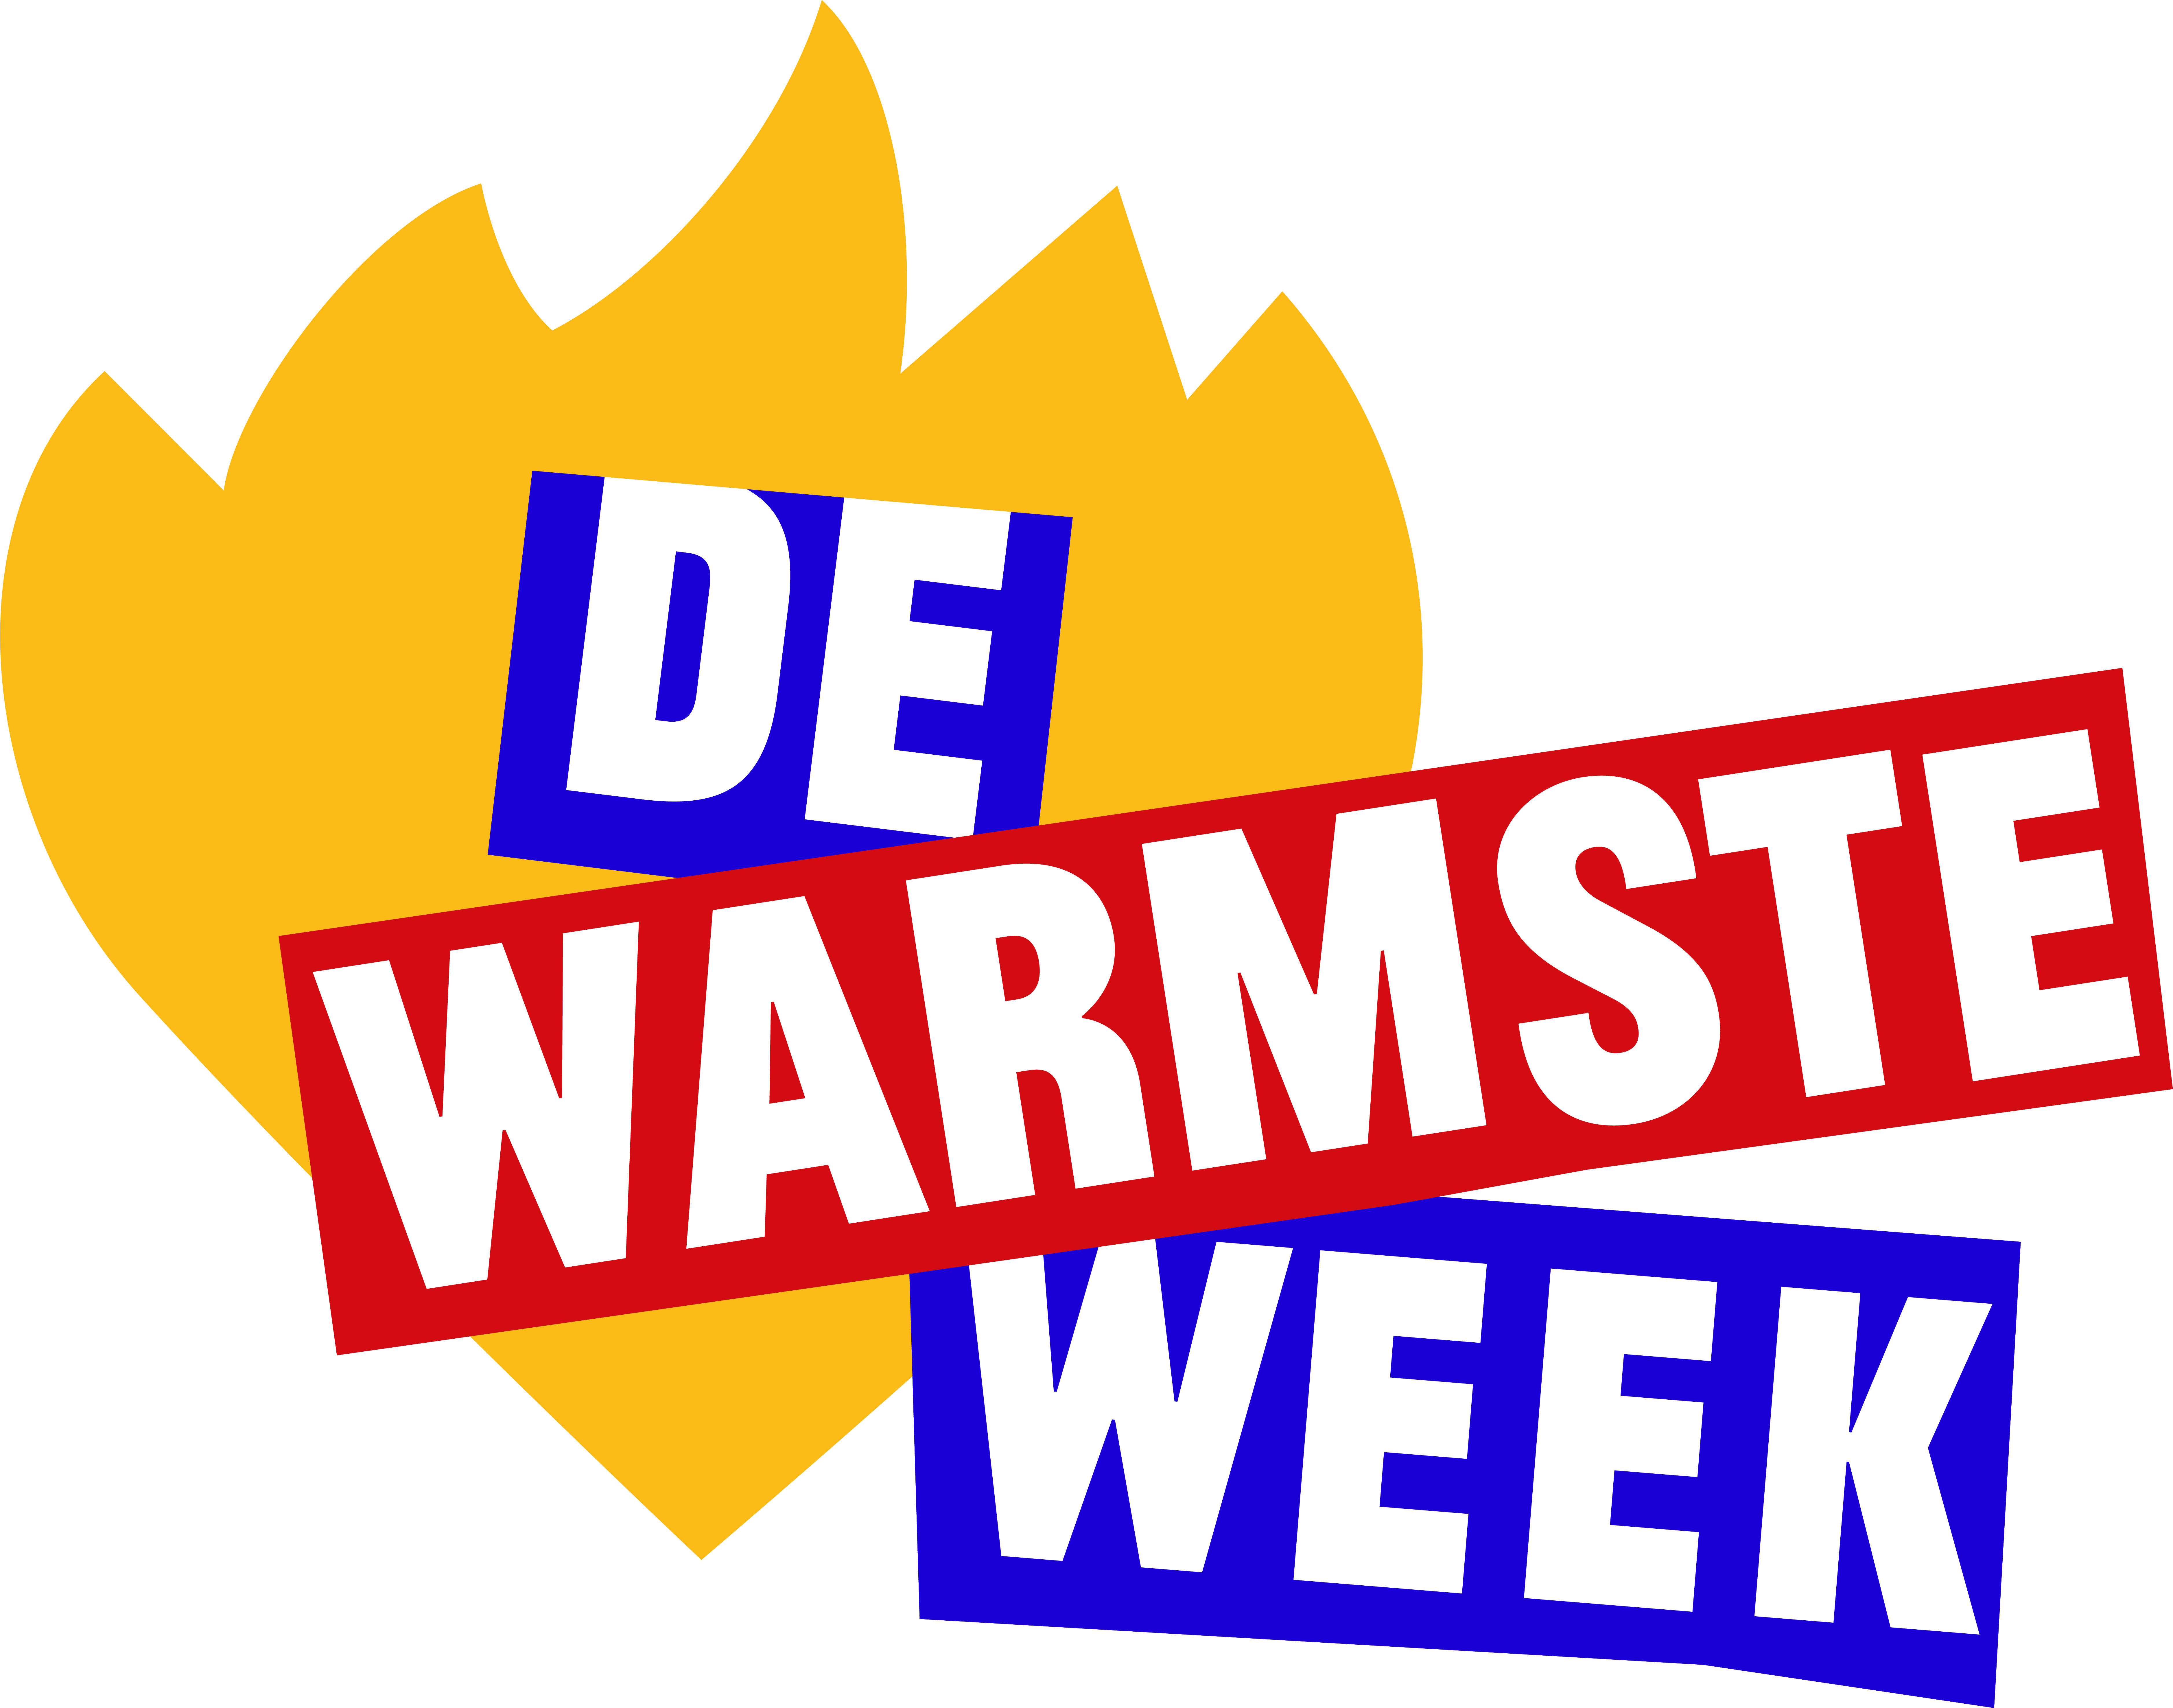 We Warmste Week 2019